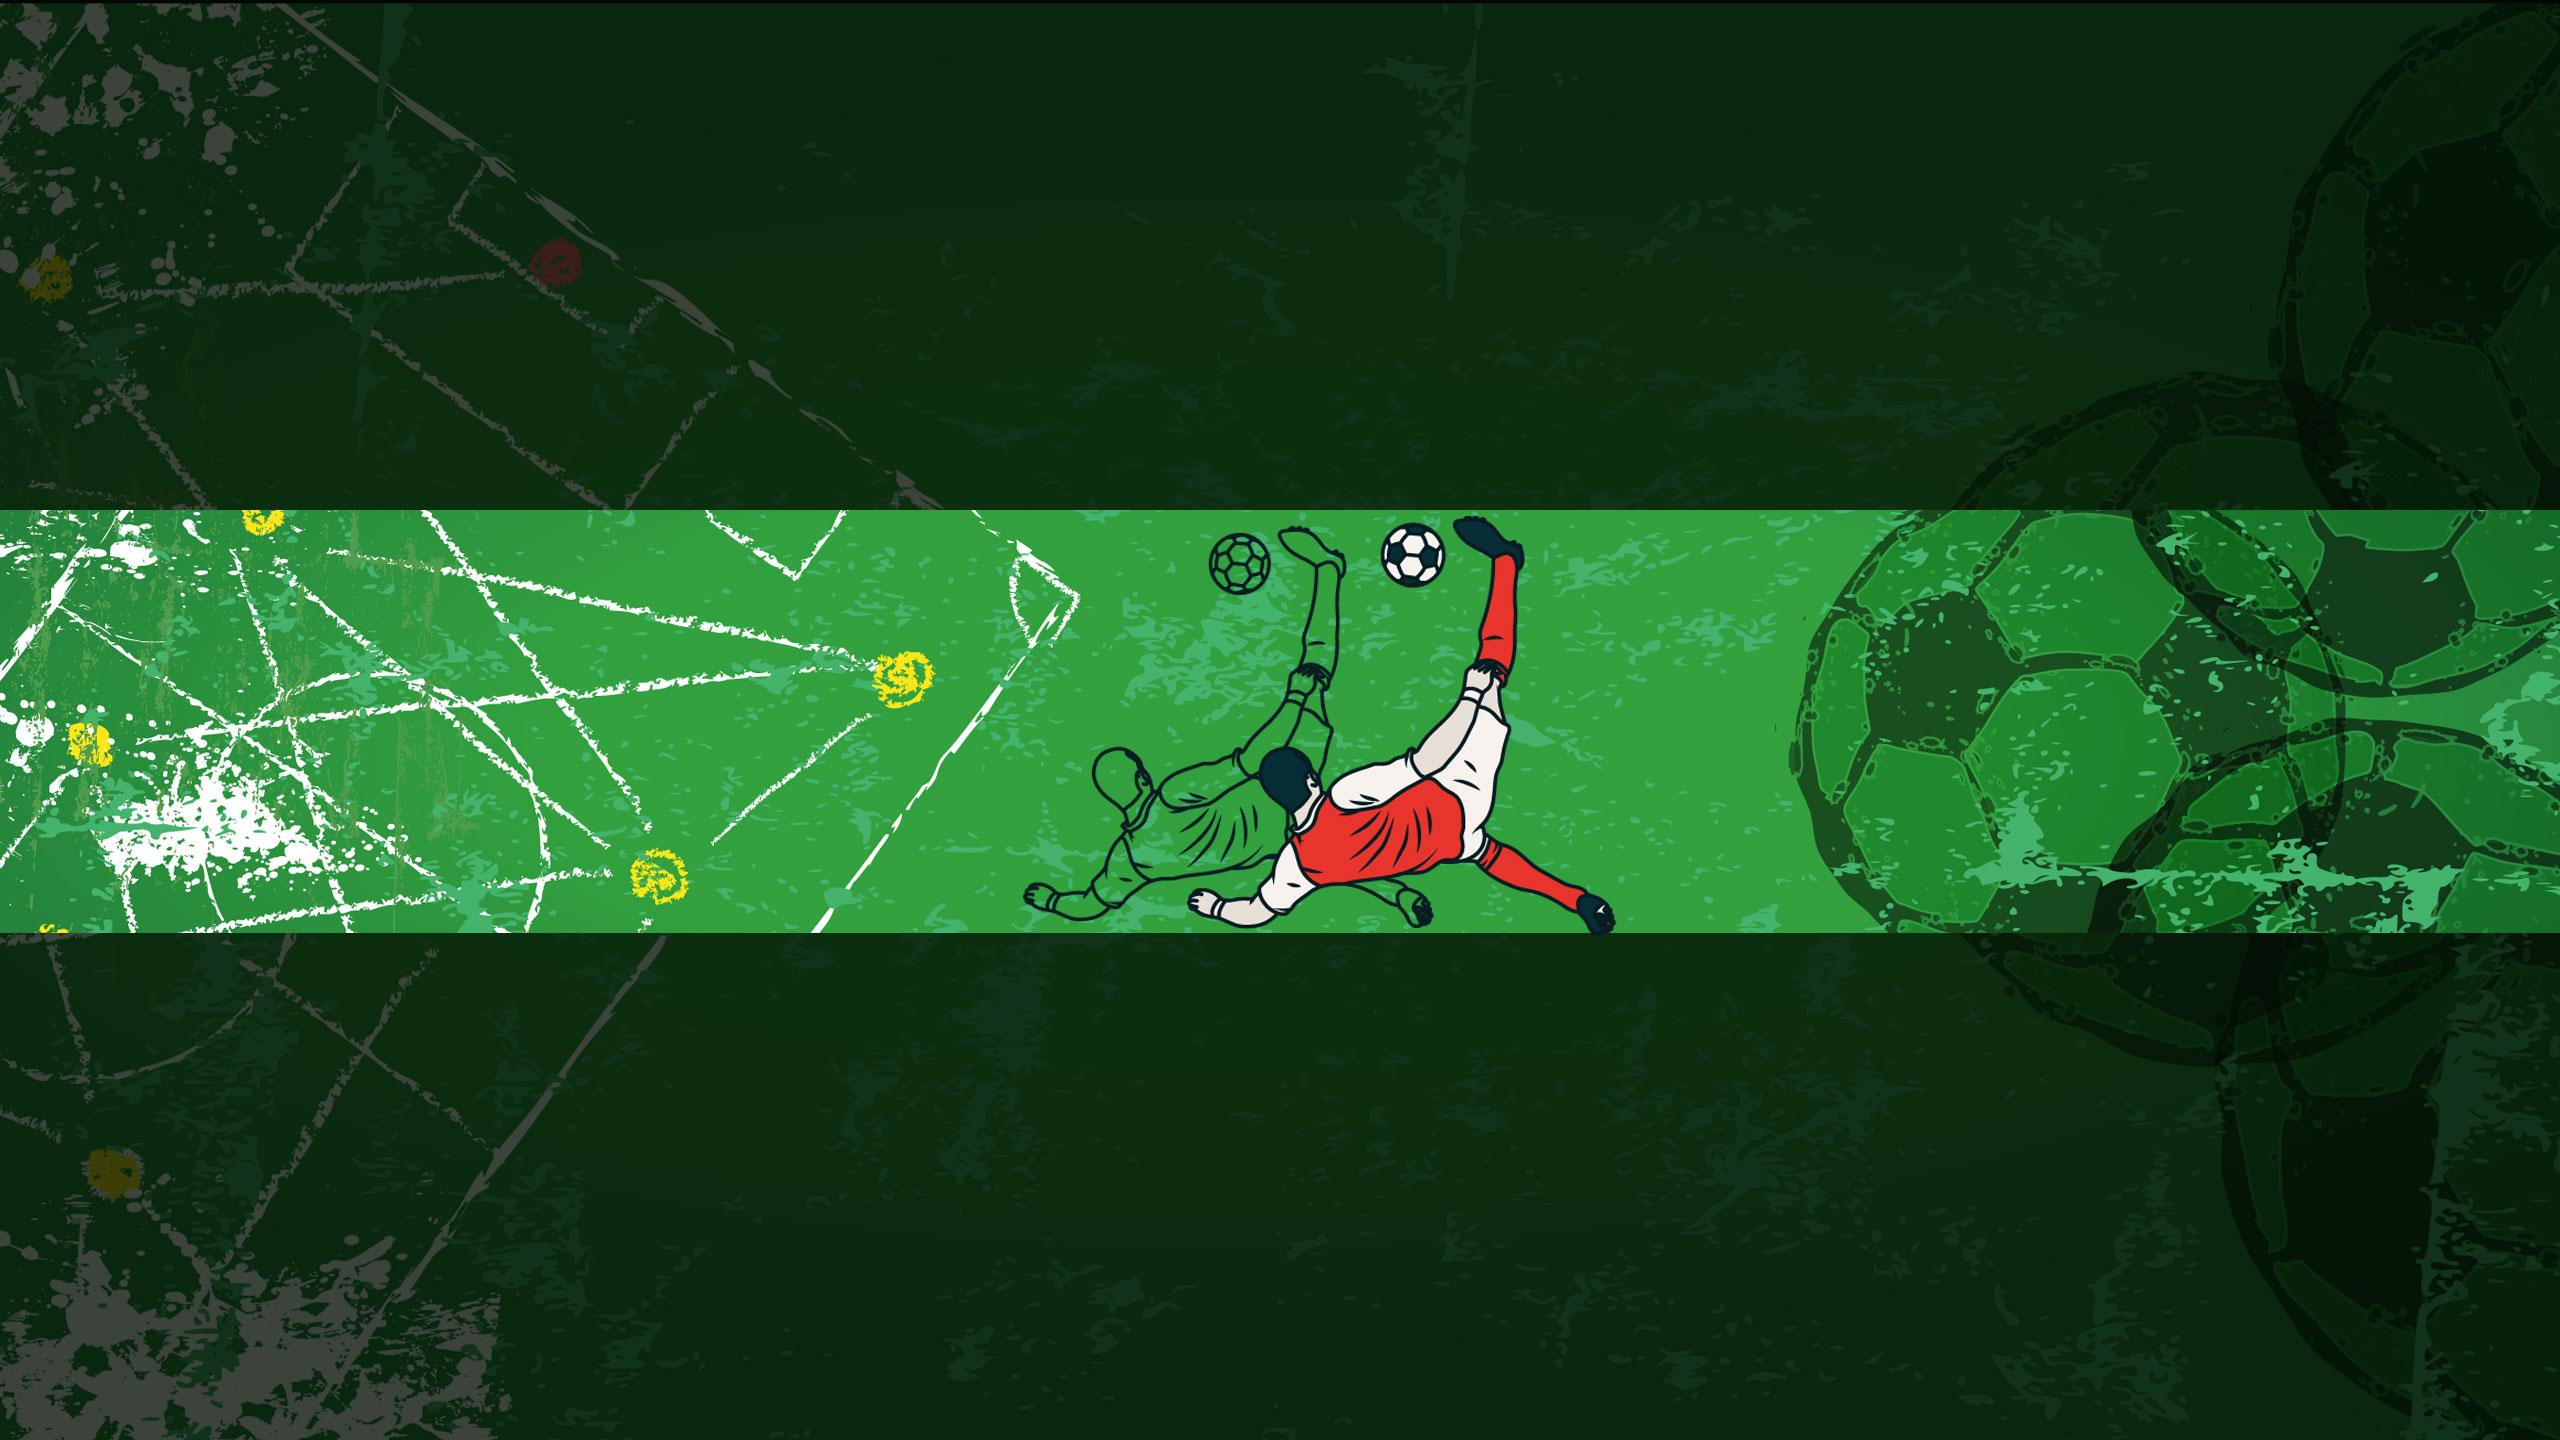 Зелёная картинка для шапки с футболистом.